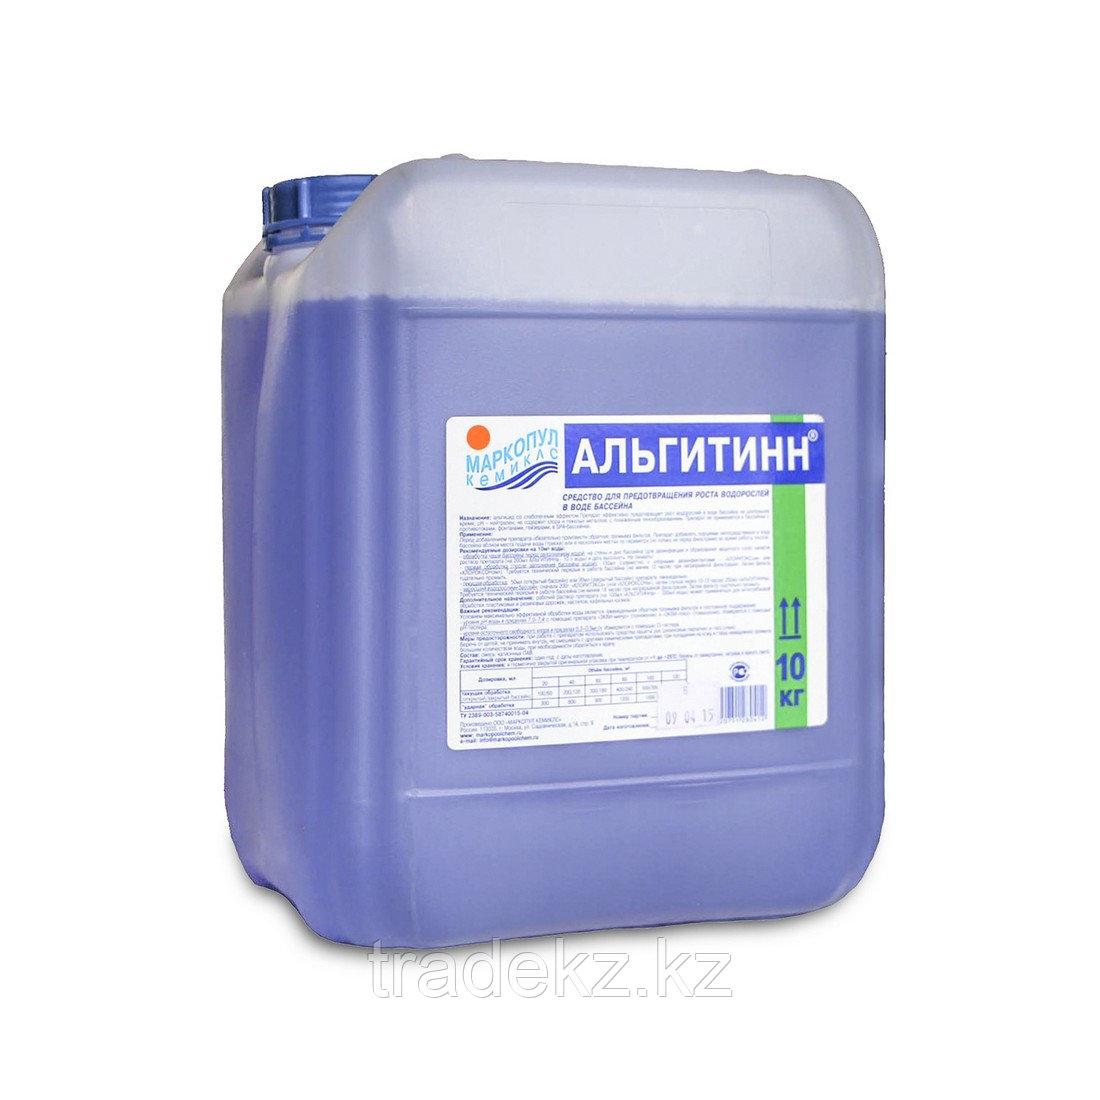 Химия для обработки воды в бассейне АЛЬГИТИНН 10 литров